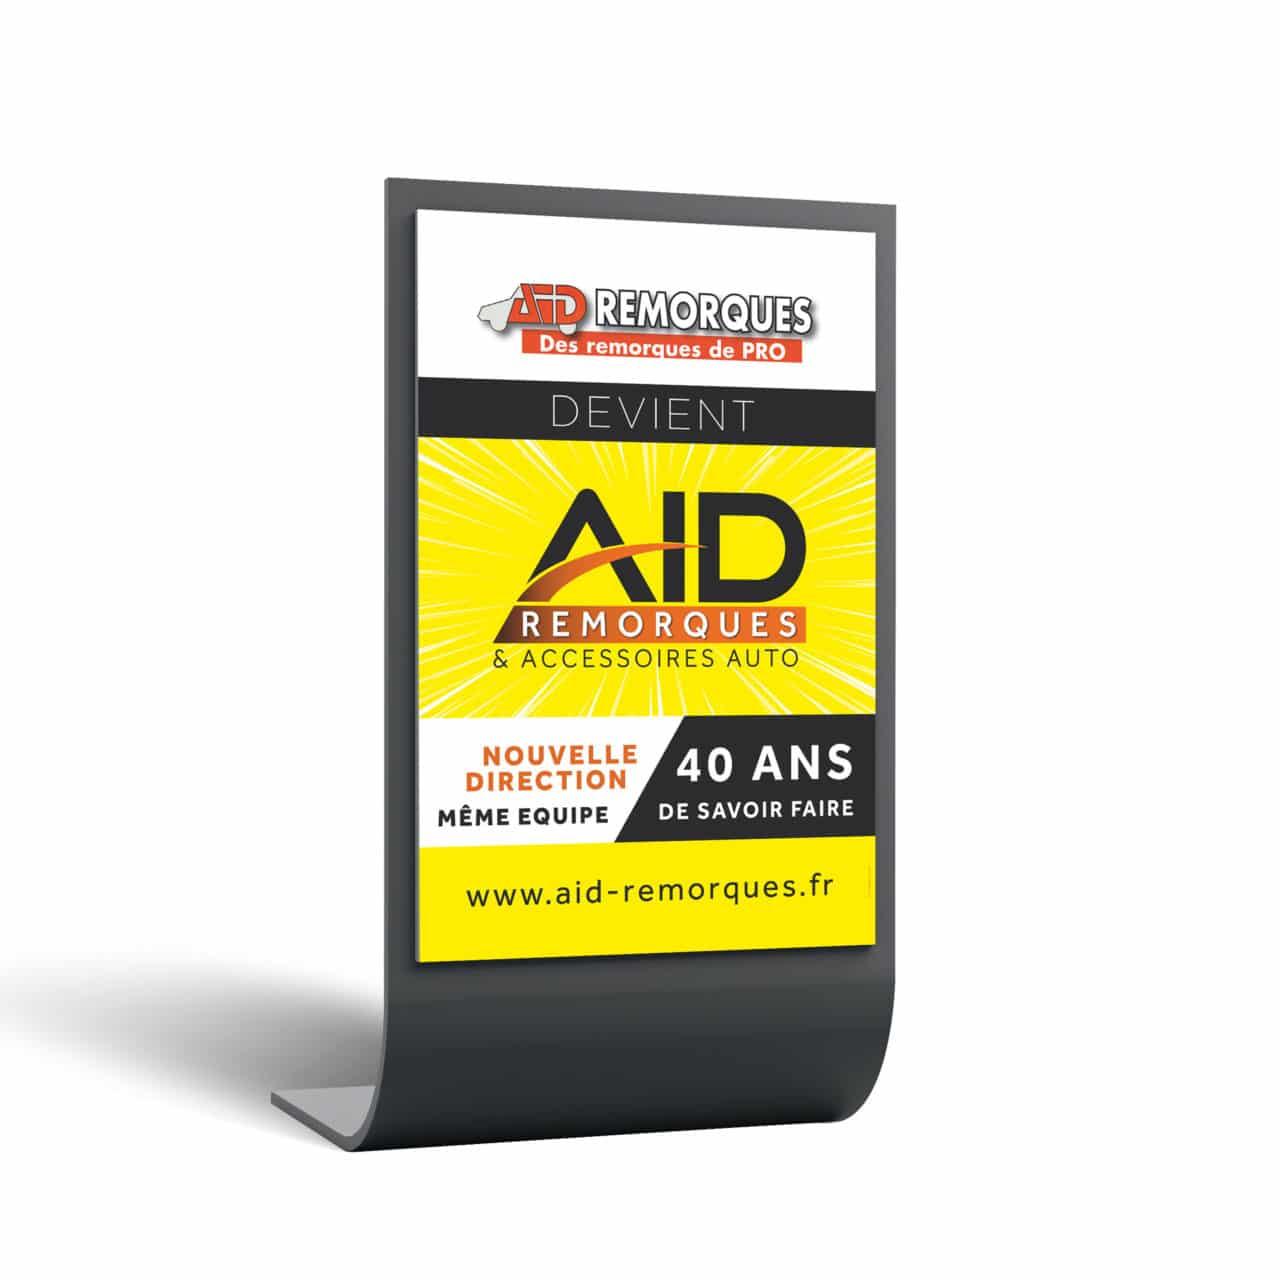 Affiche AID Remorques